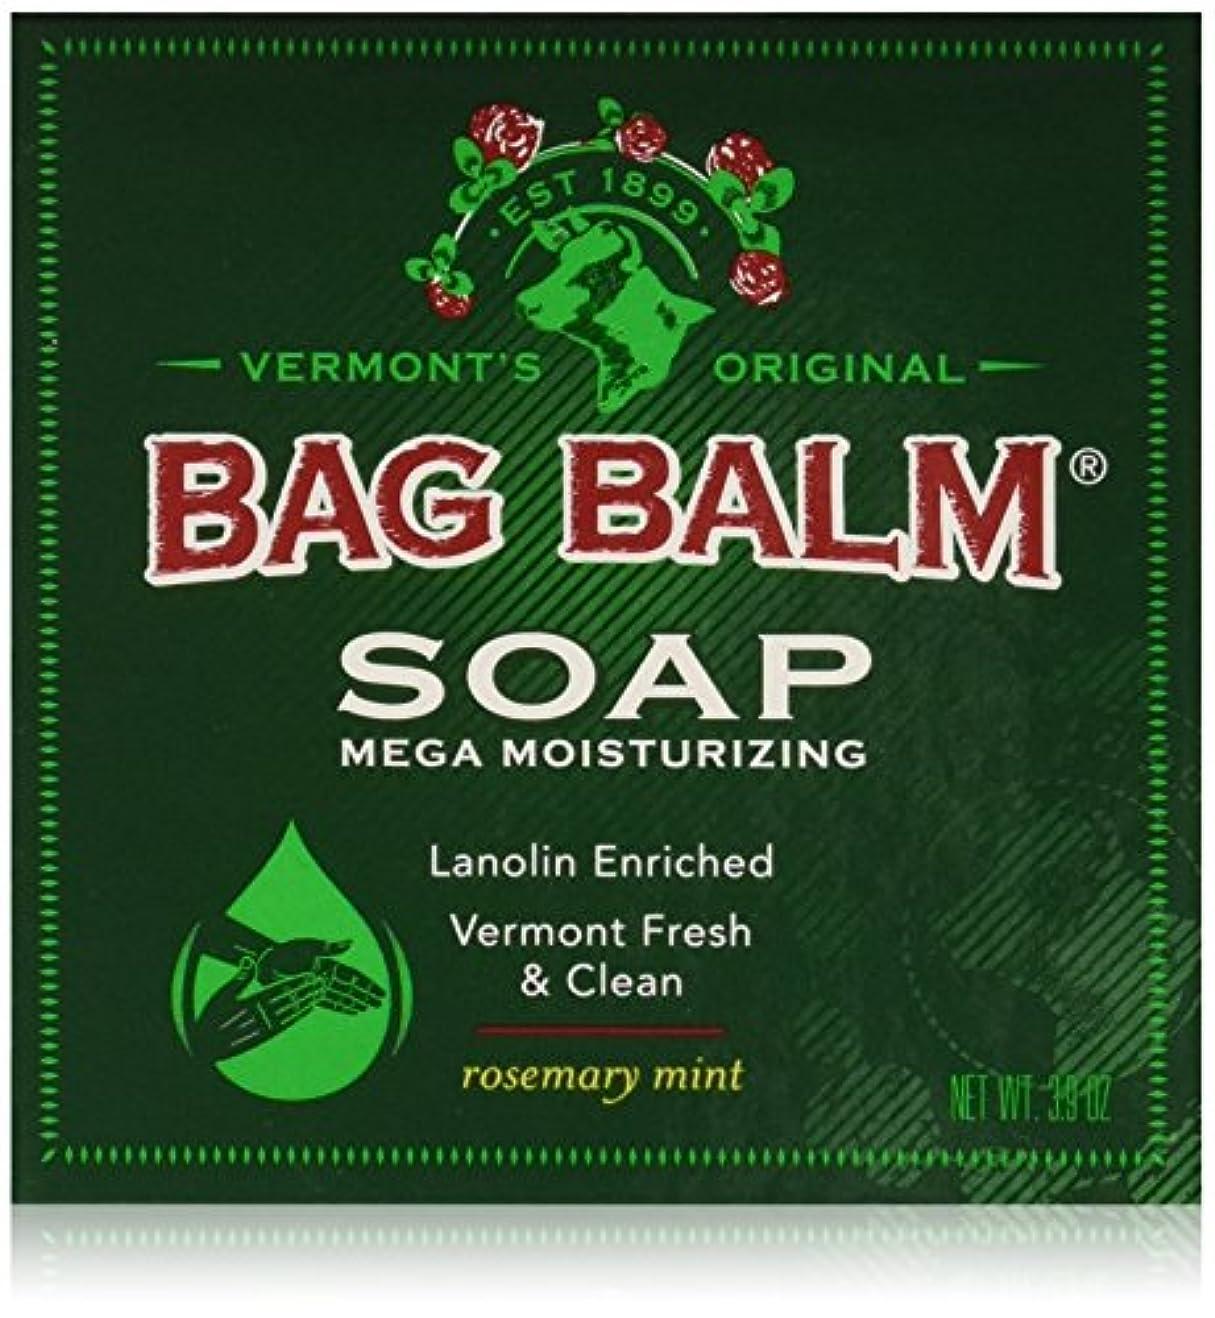 トピッククール債権者バッグバームの新作 メガモイスチャライジングソープ 3.9オンス 乾燥したお肌にモイスチャライズ石鹸